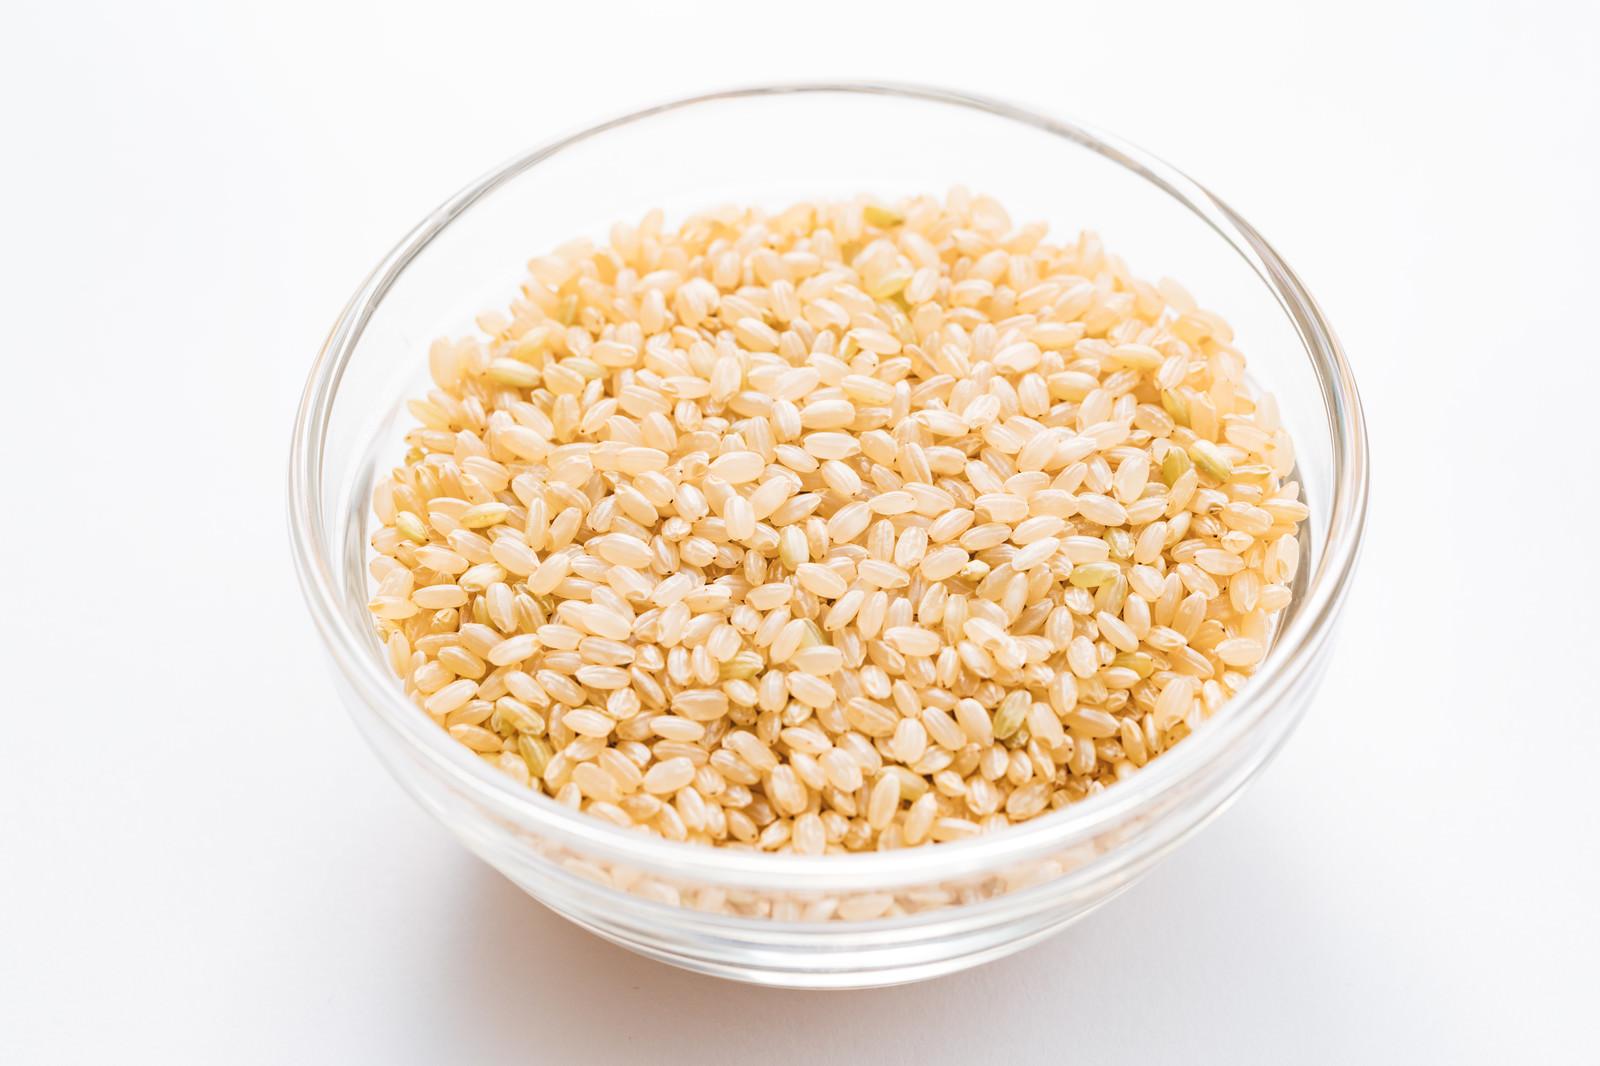 「玄米が入った透明ボール」の写真